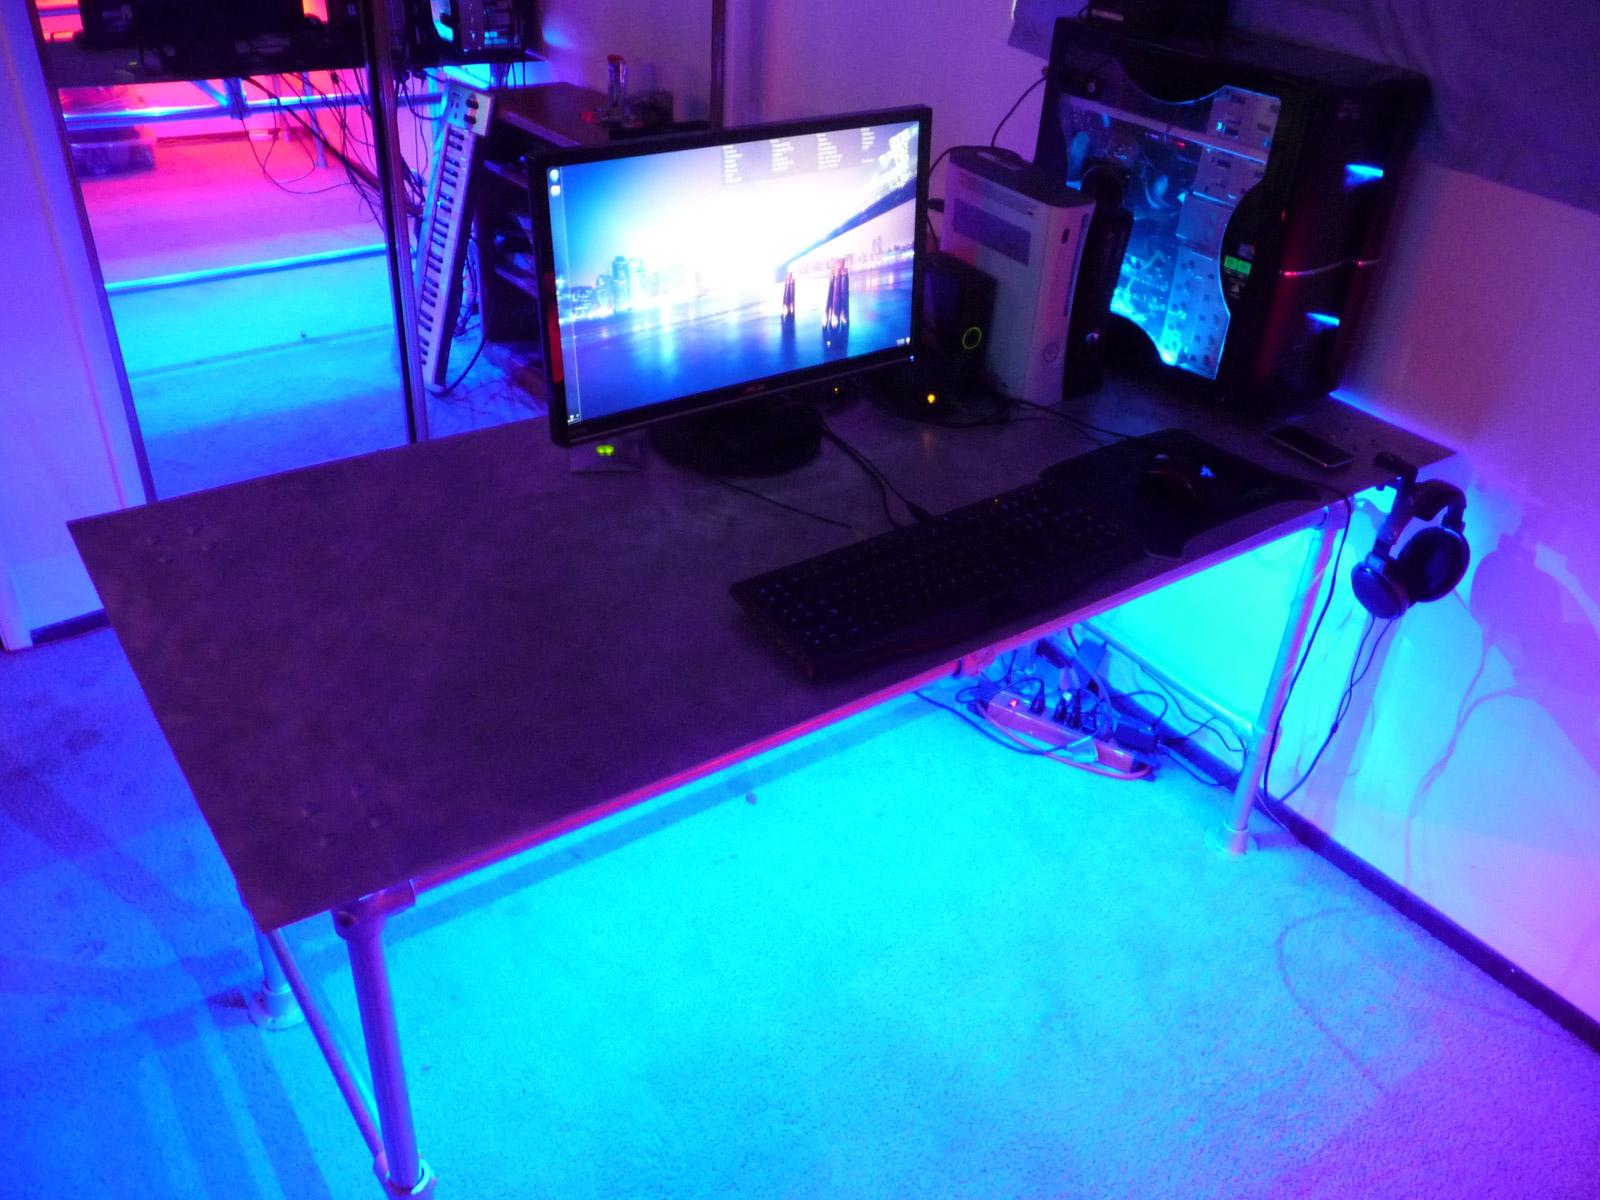 Aluminum Plate Desk with LED Illumination